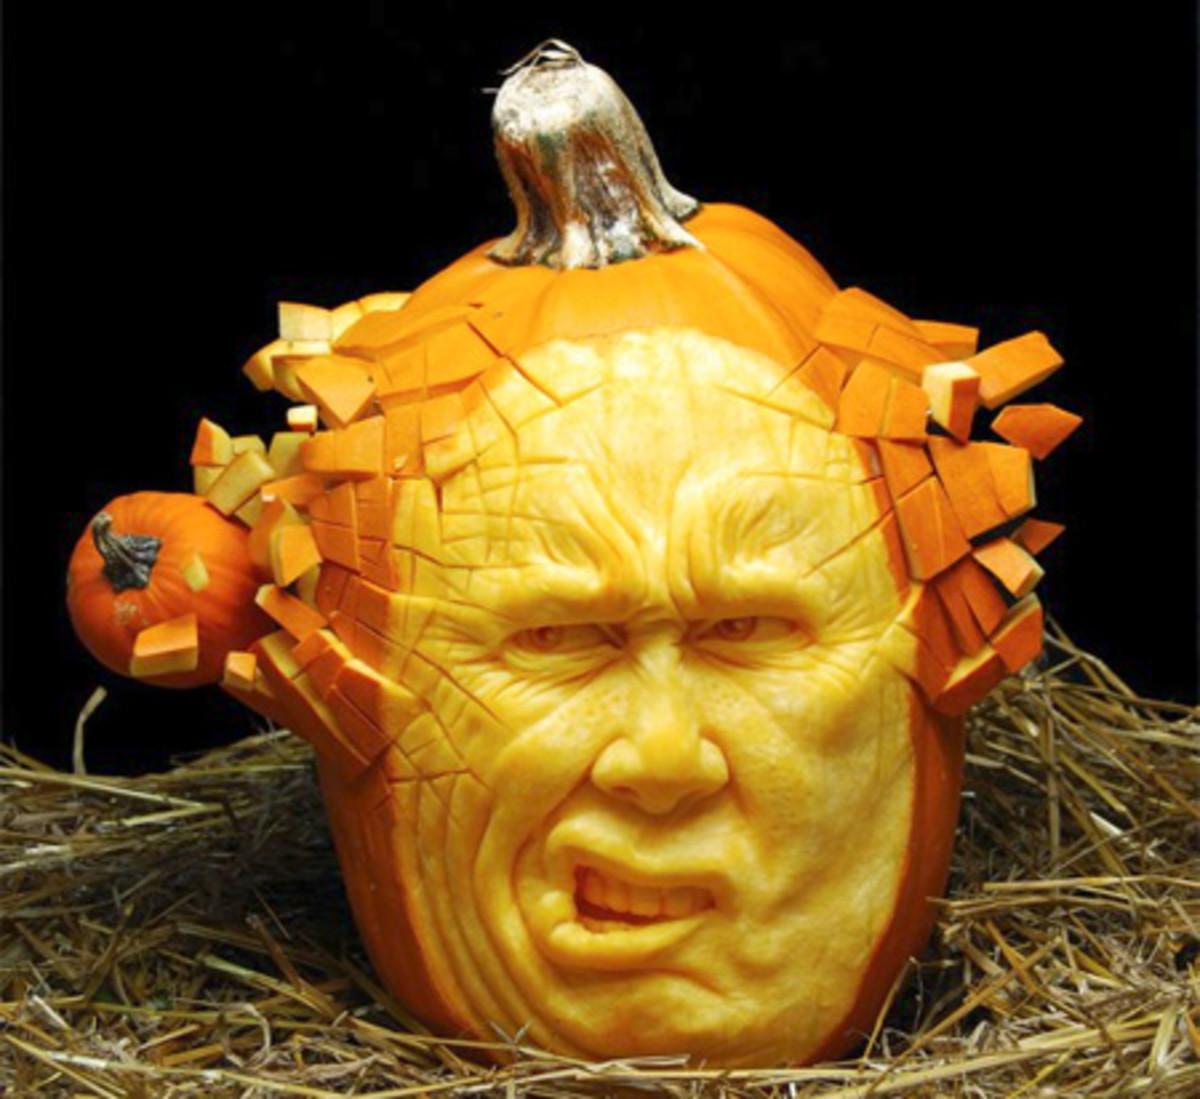 Pumpkin Carving Stencils & Ideas For Halloween